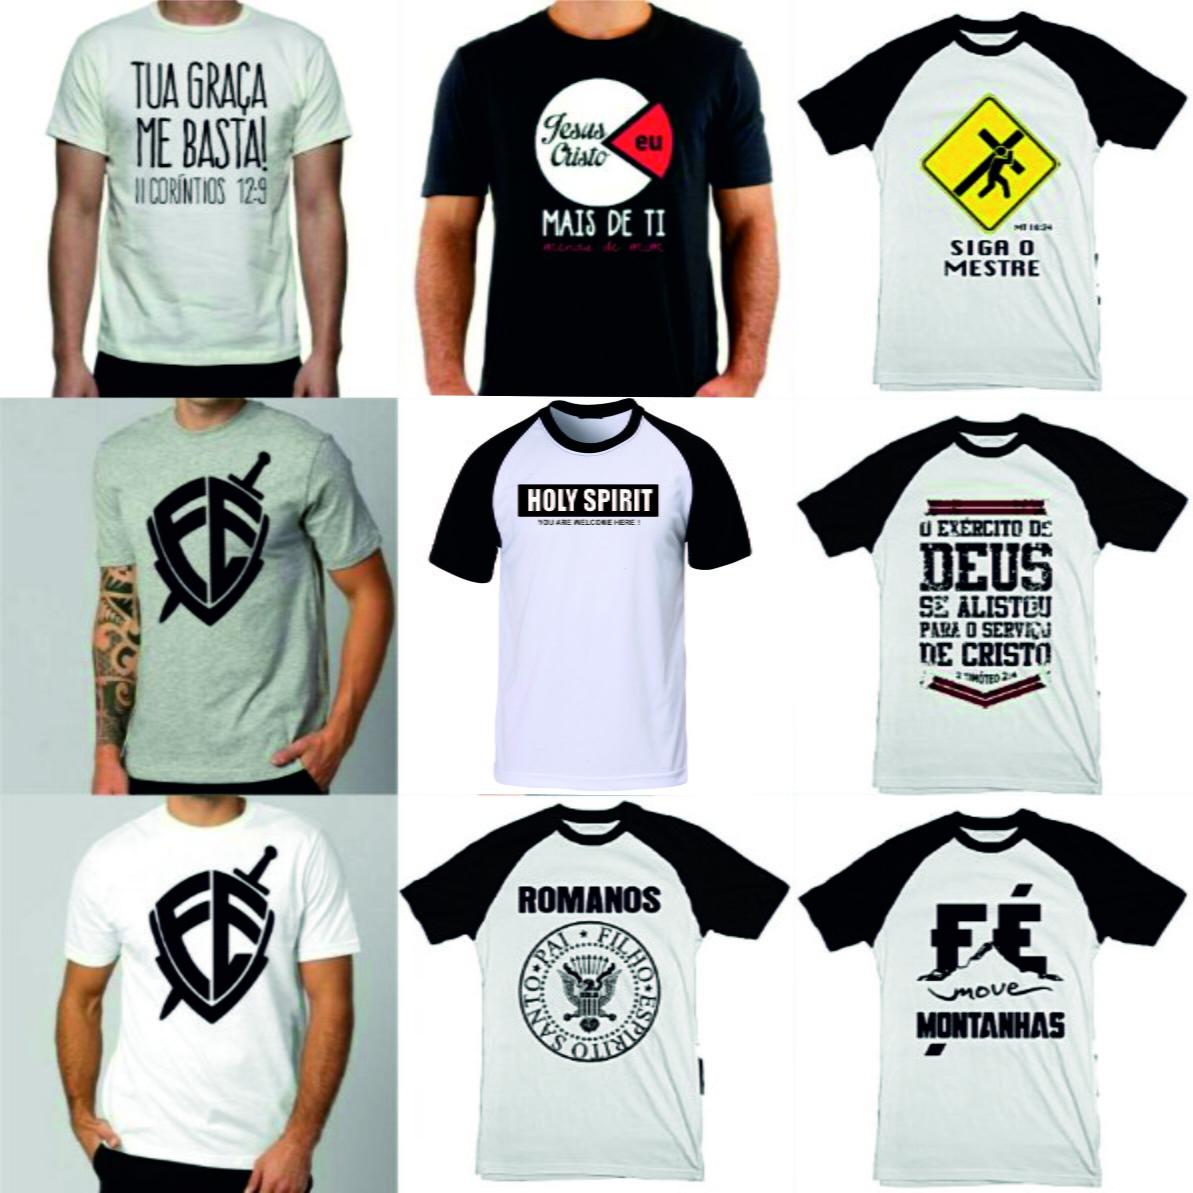 Camisetas Gospel Frases Kit 4 unidades no Elo7  29a1da11849f6